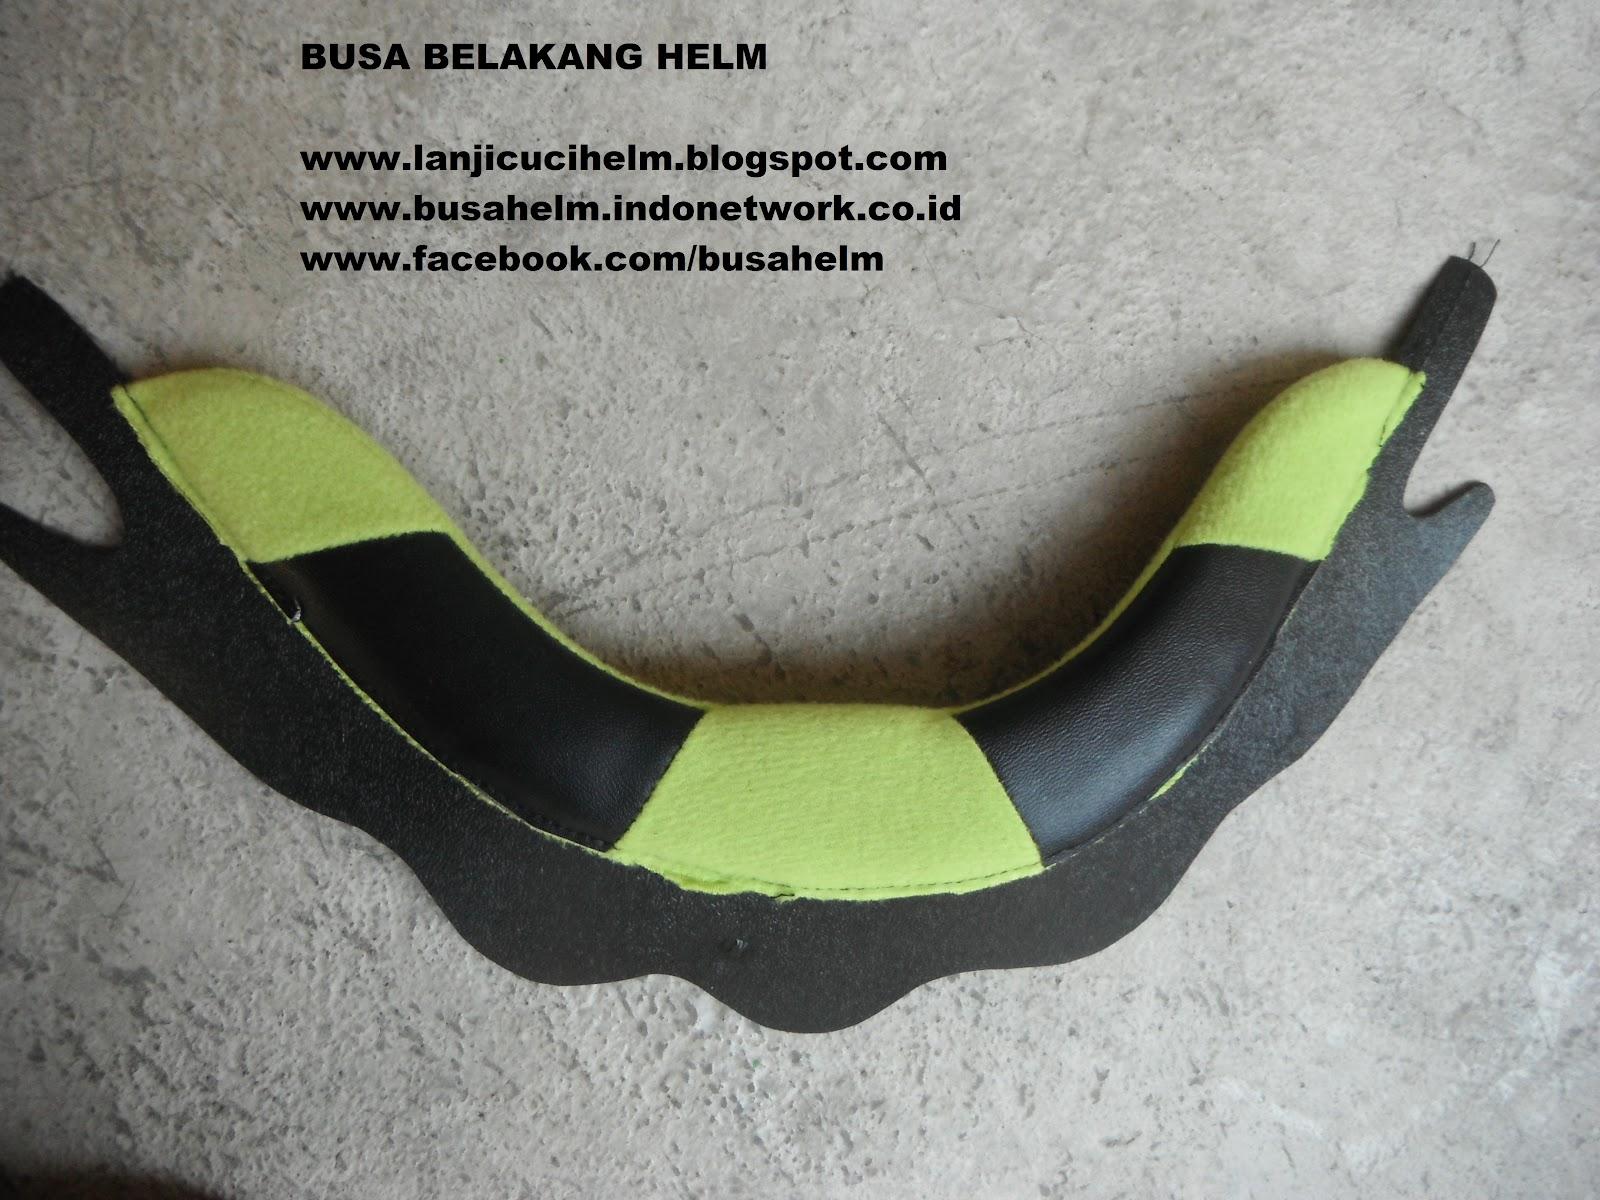 tersedia untuk helm half face dan helm full face baik untuk pembelian grosir maupun retail